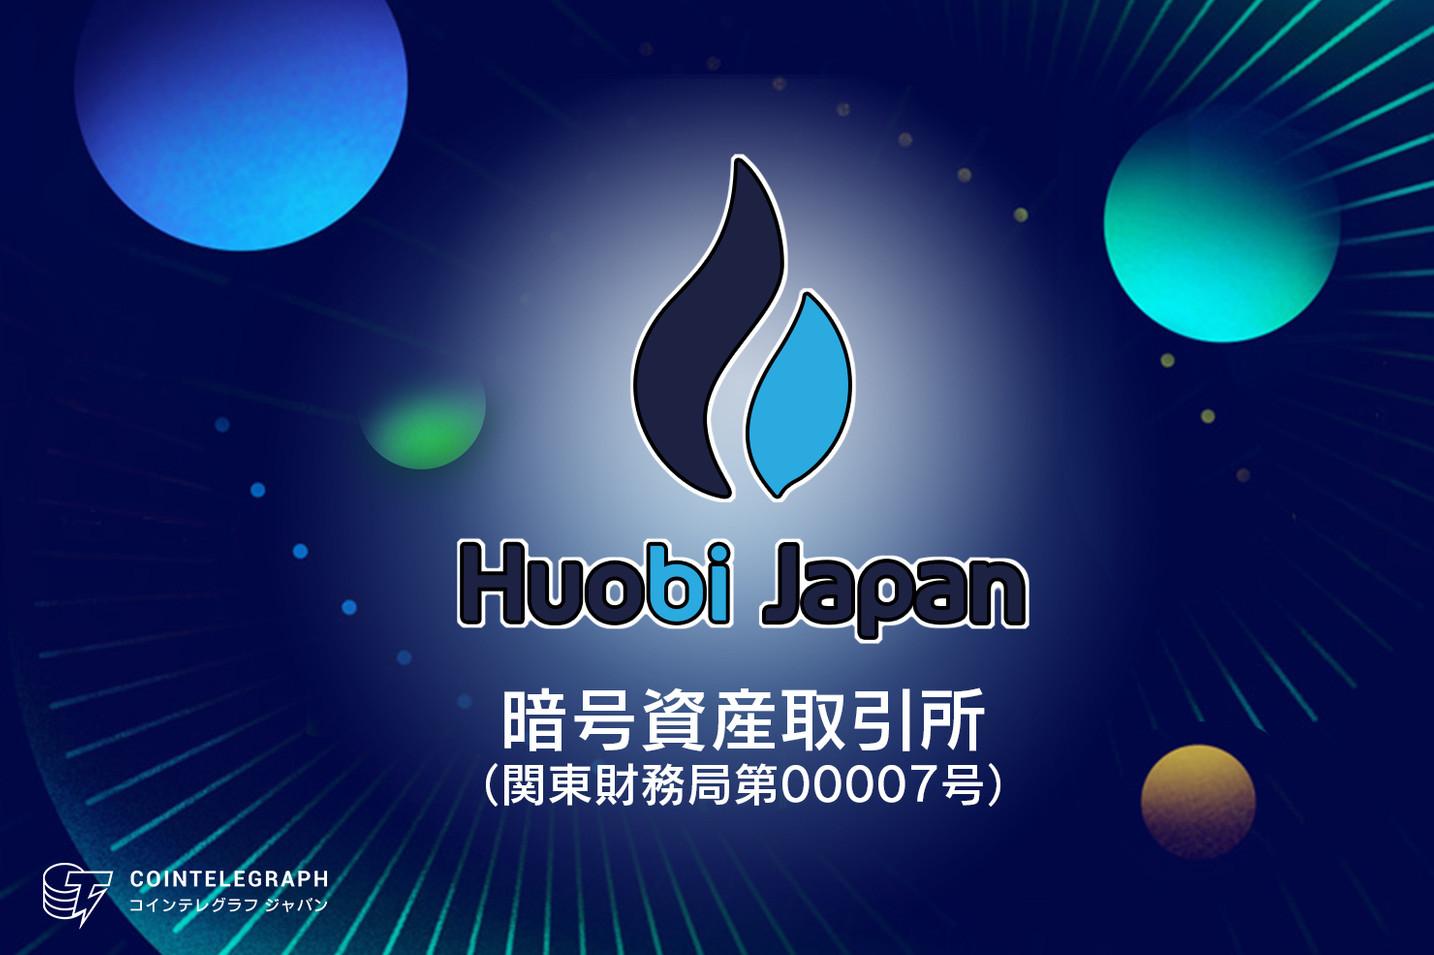 暗号資産取引所のフォビジャパン API限定!BTC建ての取引手数料50%OFFキャンペーン